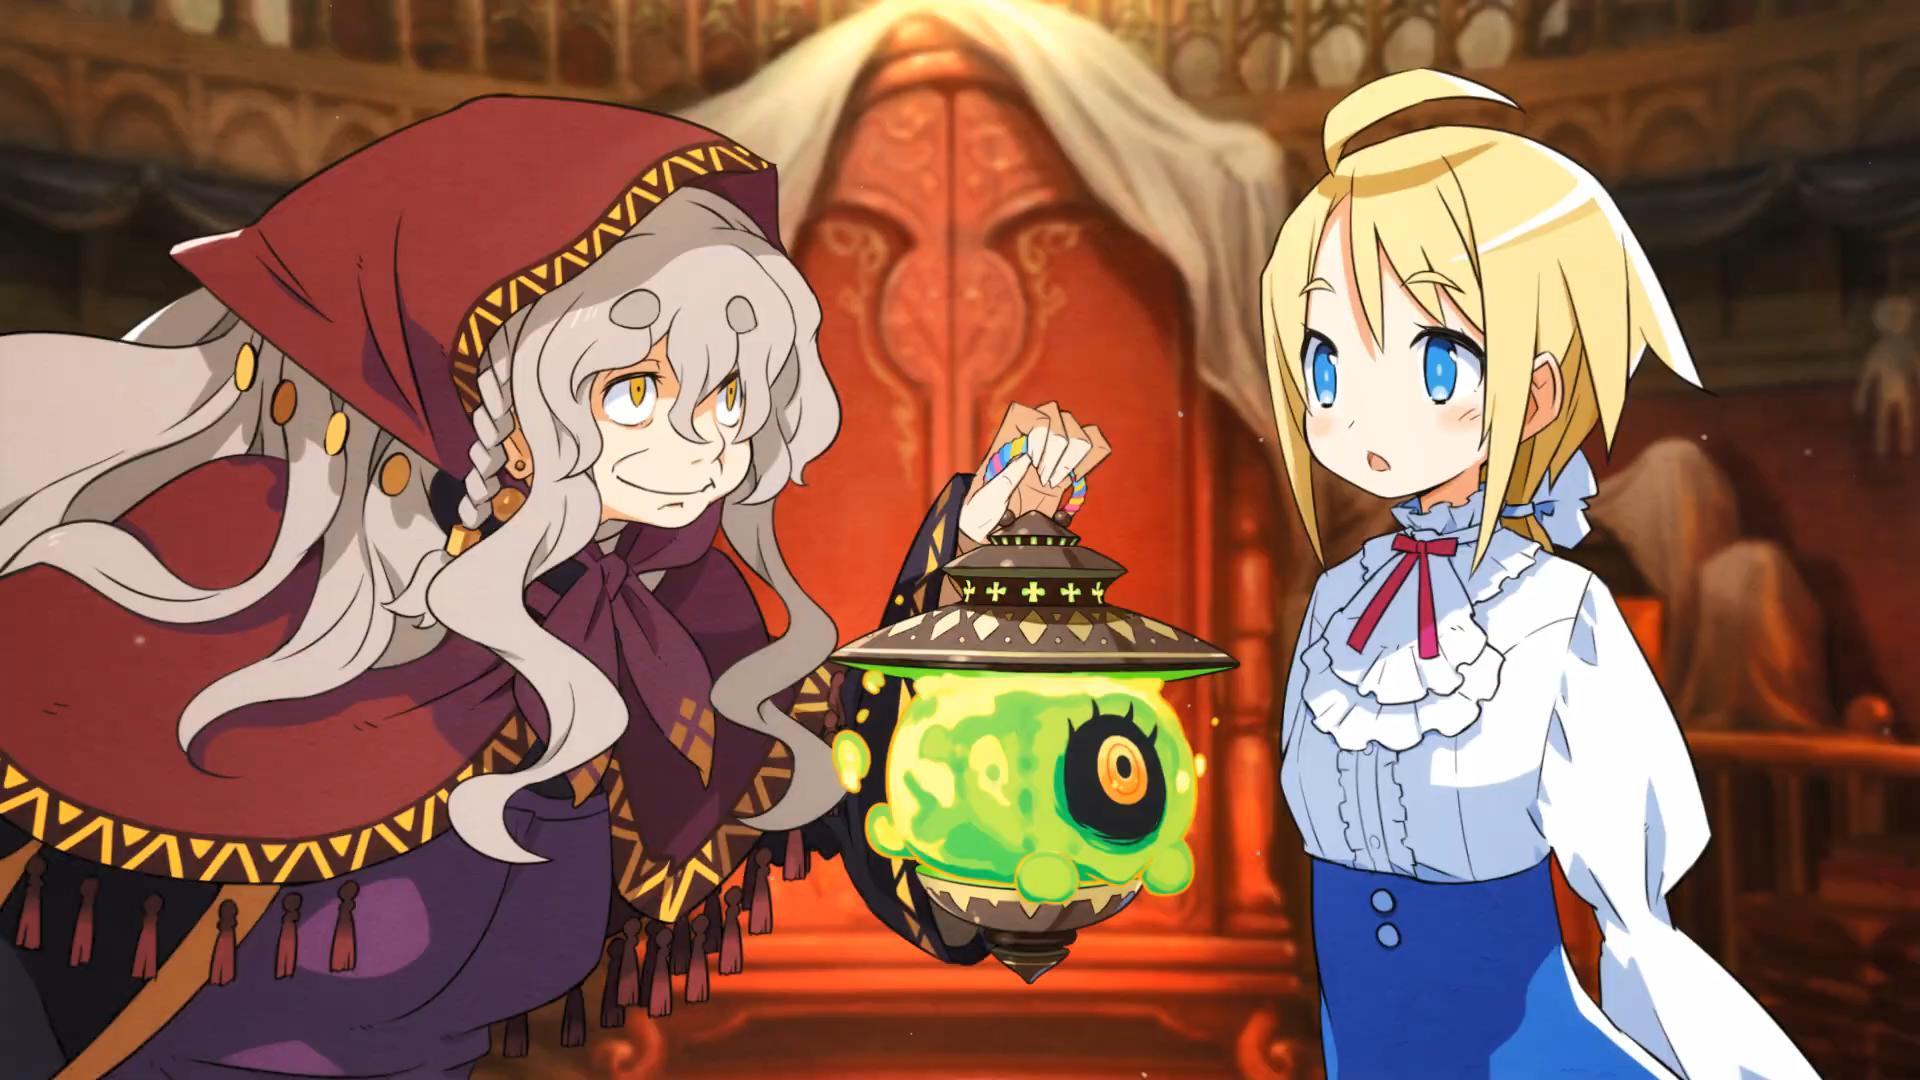 日本一《加雷利亚的地下迷宫与魔女的旅团》NS版预告PV 11月11日发售插图3